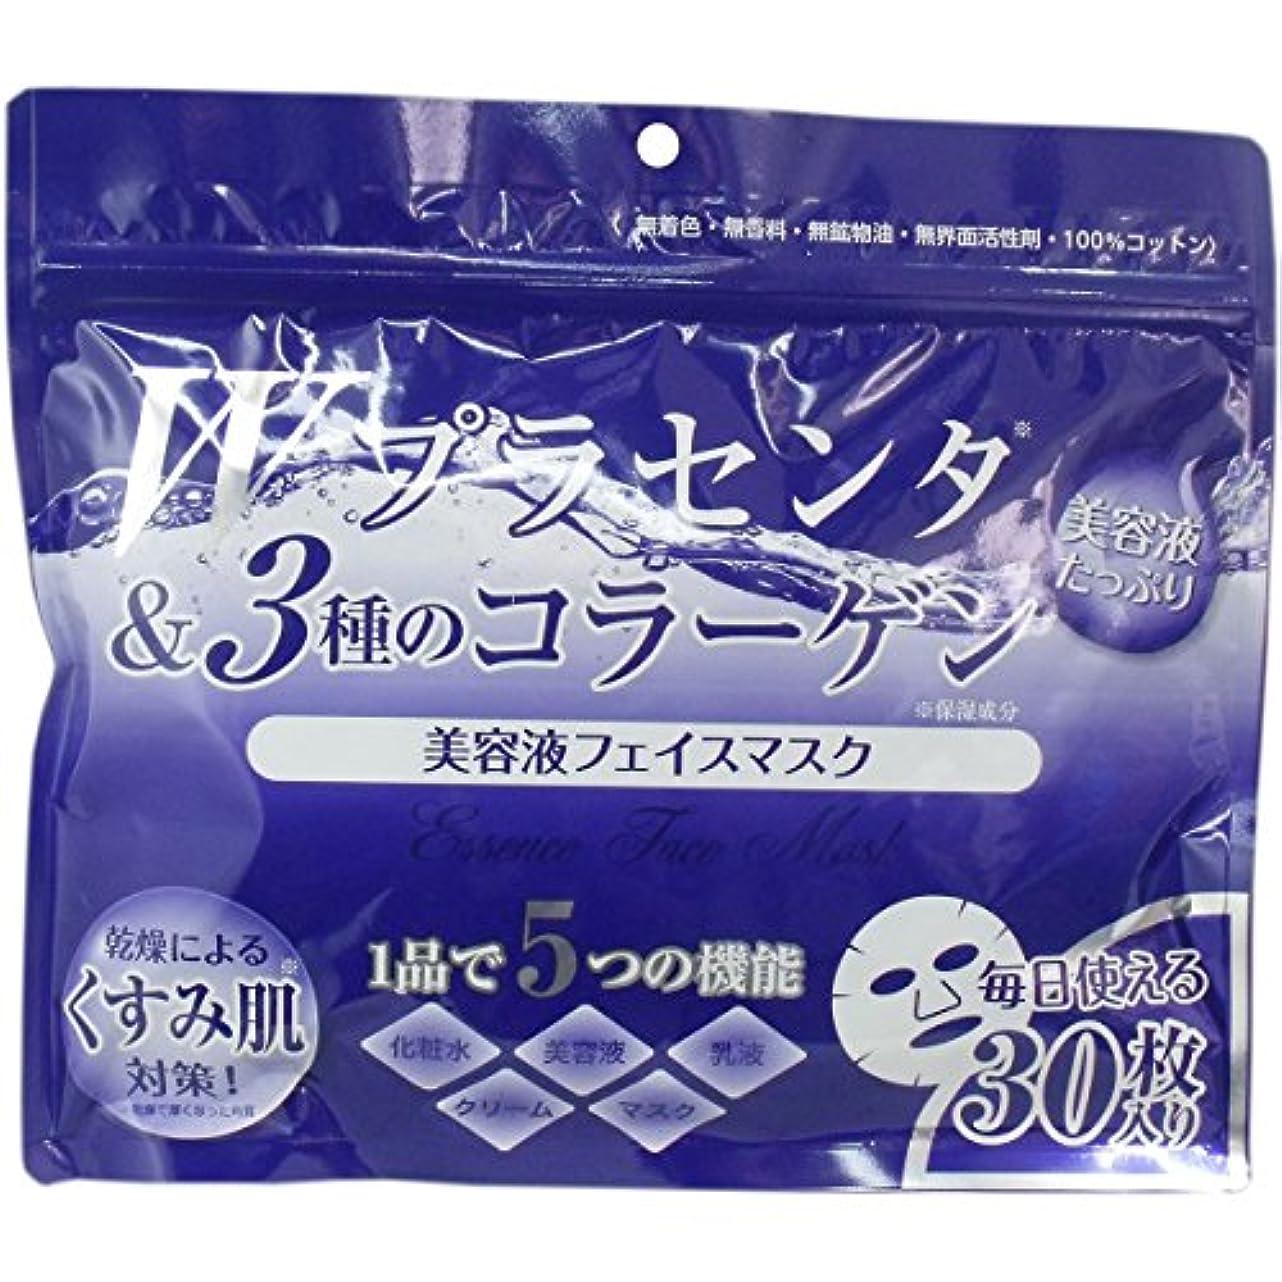 硬化する旅行者ピカリングオールインワン 美容液フェイスマスク Wプラセンタ&3種のコラーゲン 30枚入